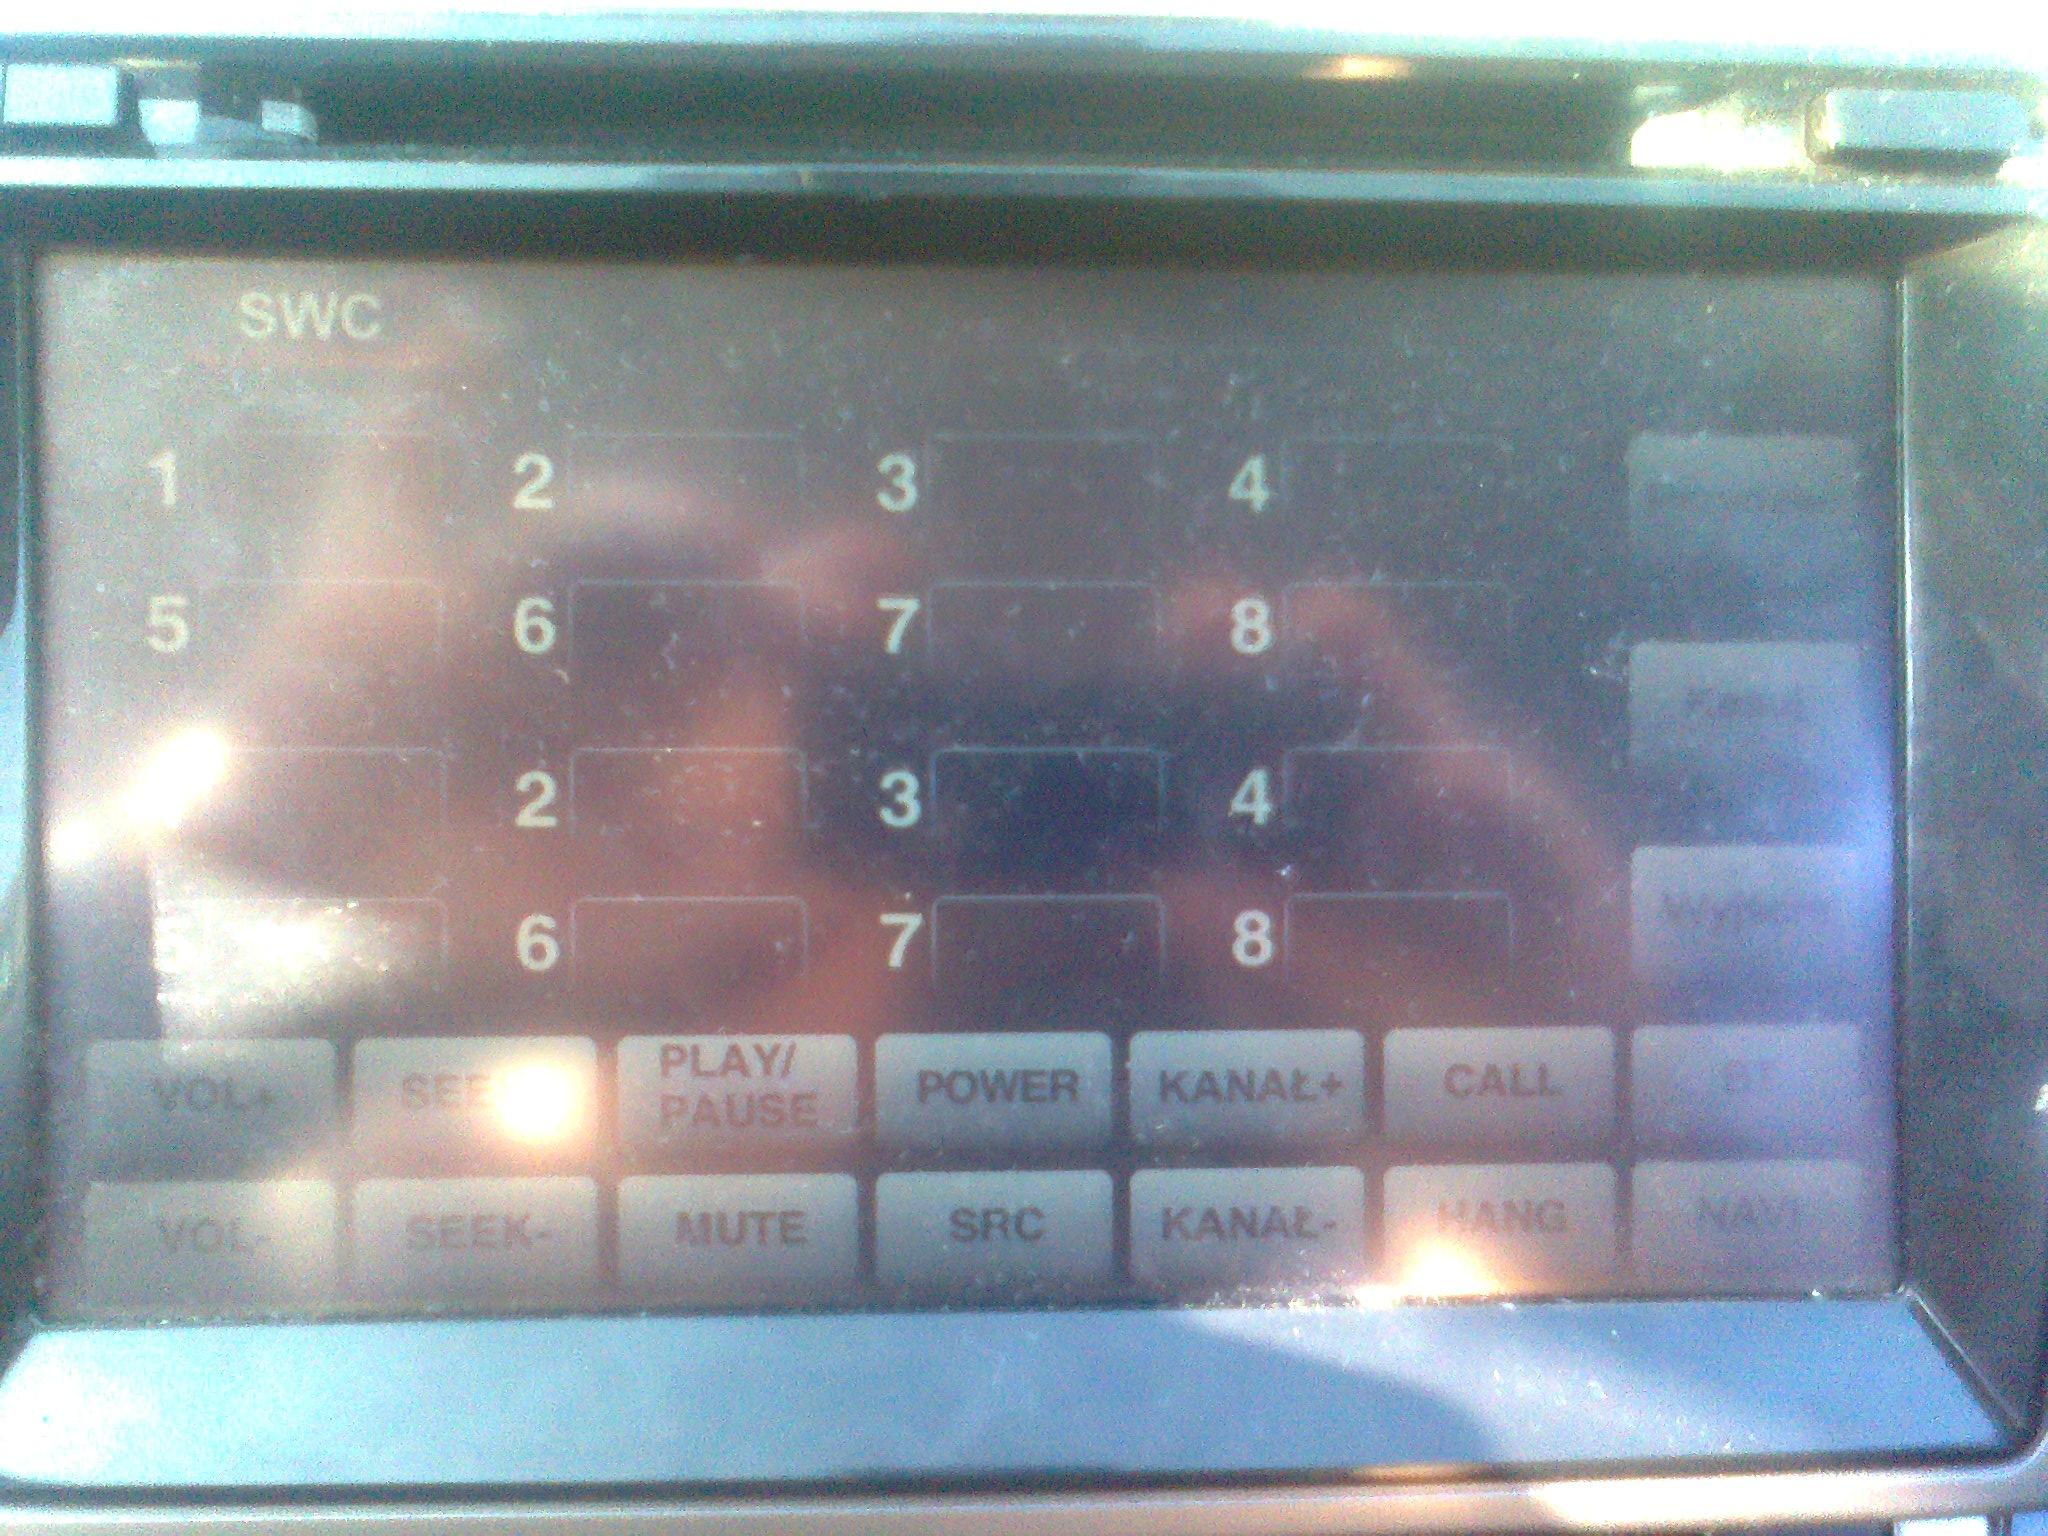 MAZDA 6 GH - sparowanie kierownicy wielofunkcyjnej z urz�dzeniem multimedialnym